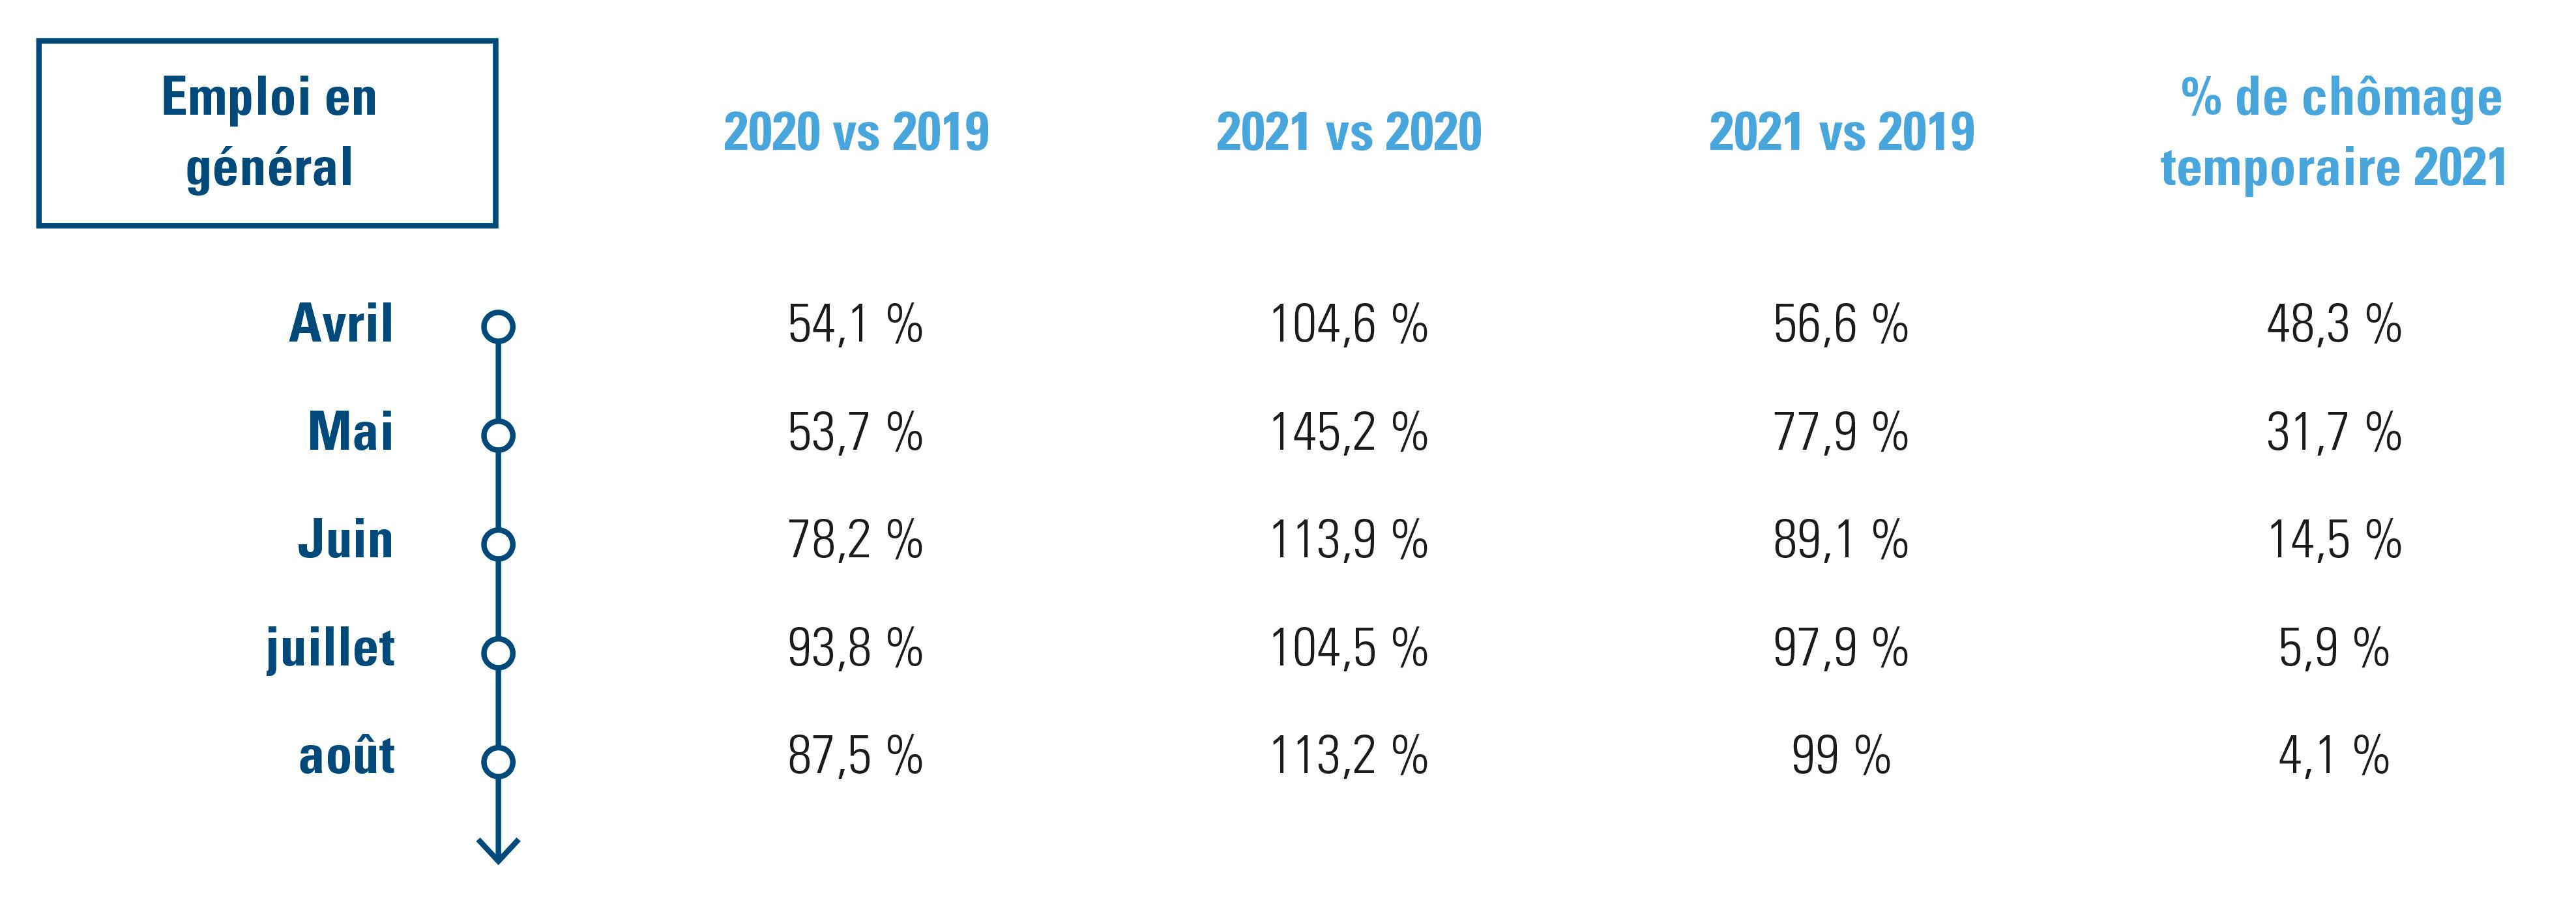 emploi dans les établissements de restauration et débits de boissons belges en 2021 vs 2020 et 2019